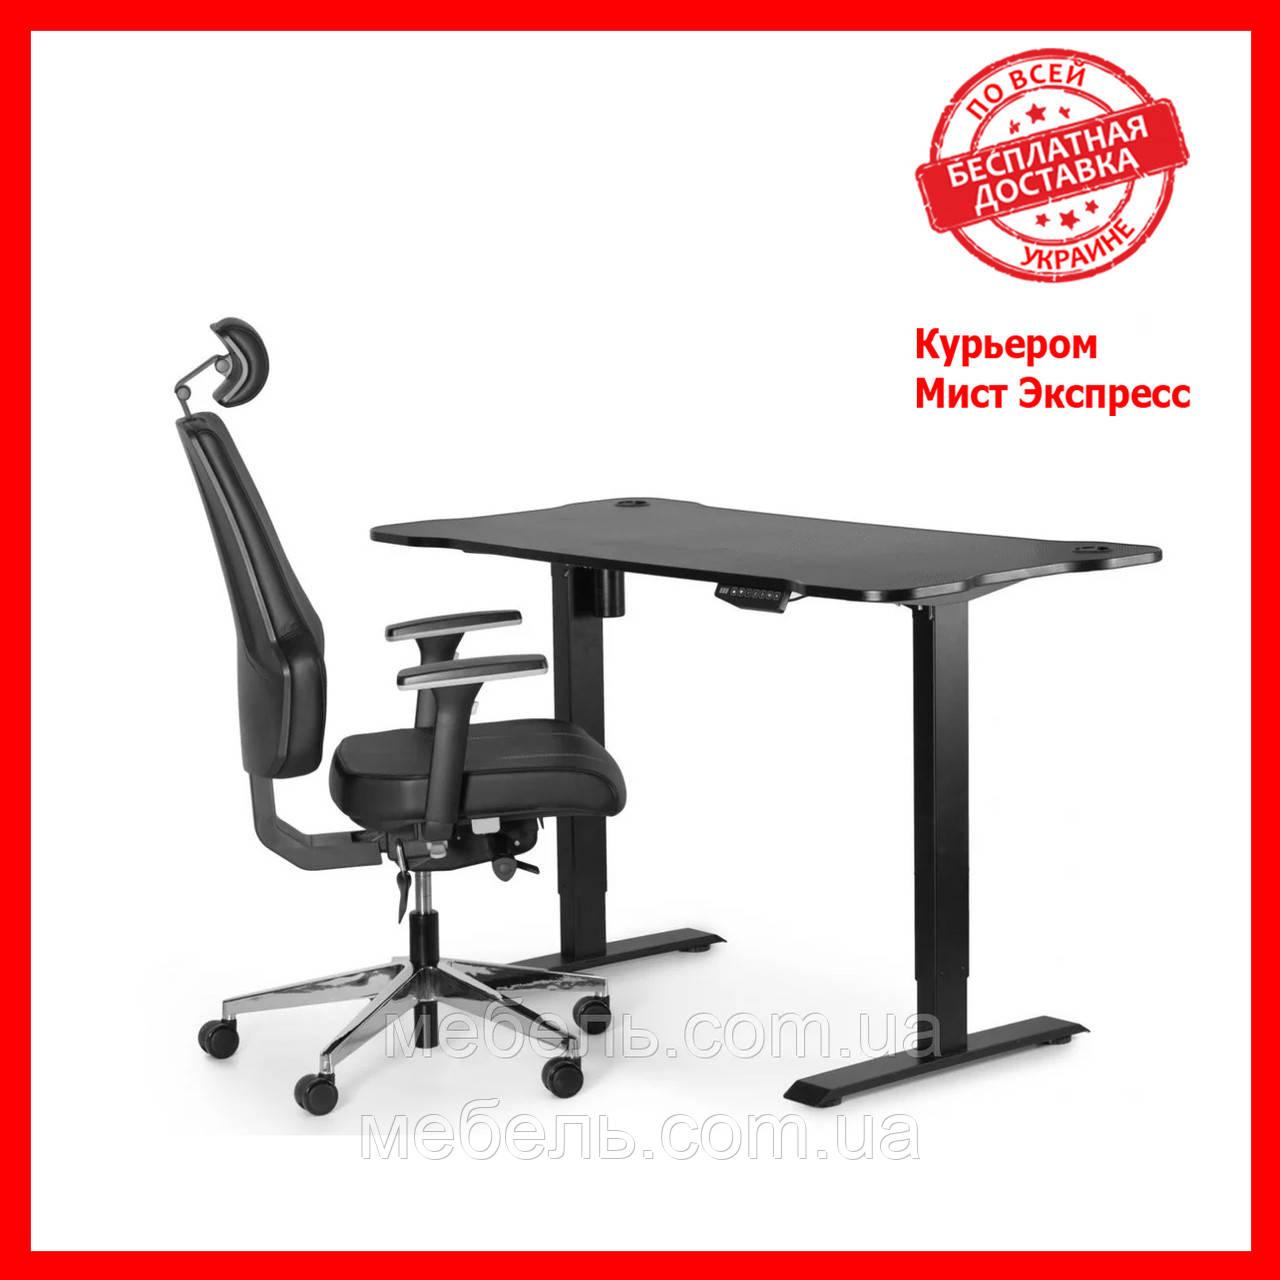 Компьютерный стол со стулом Barsky BSU_el-03+ST-01 VR Health Care, рабочая станция